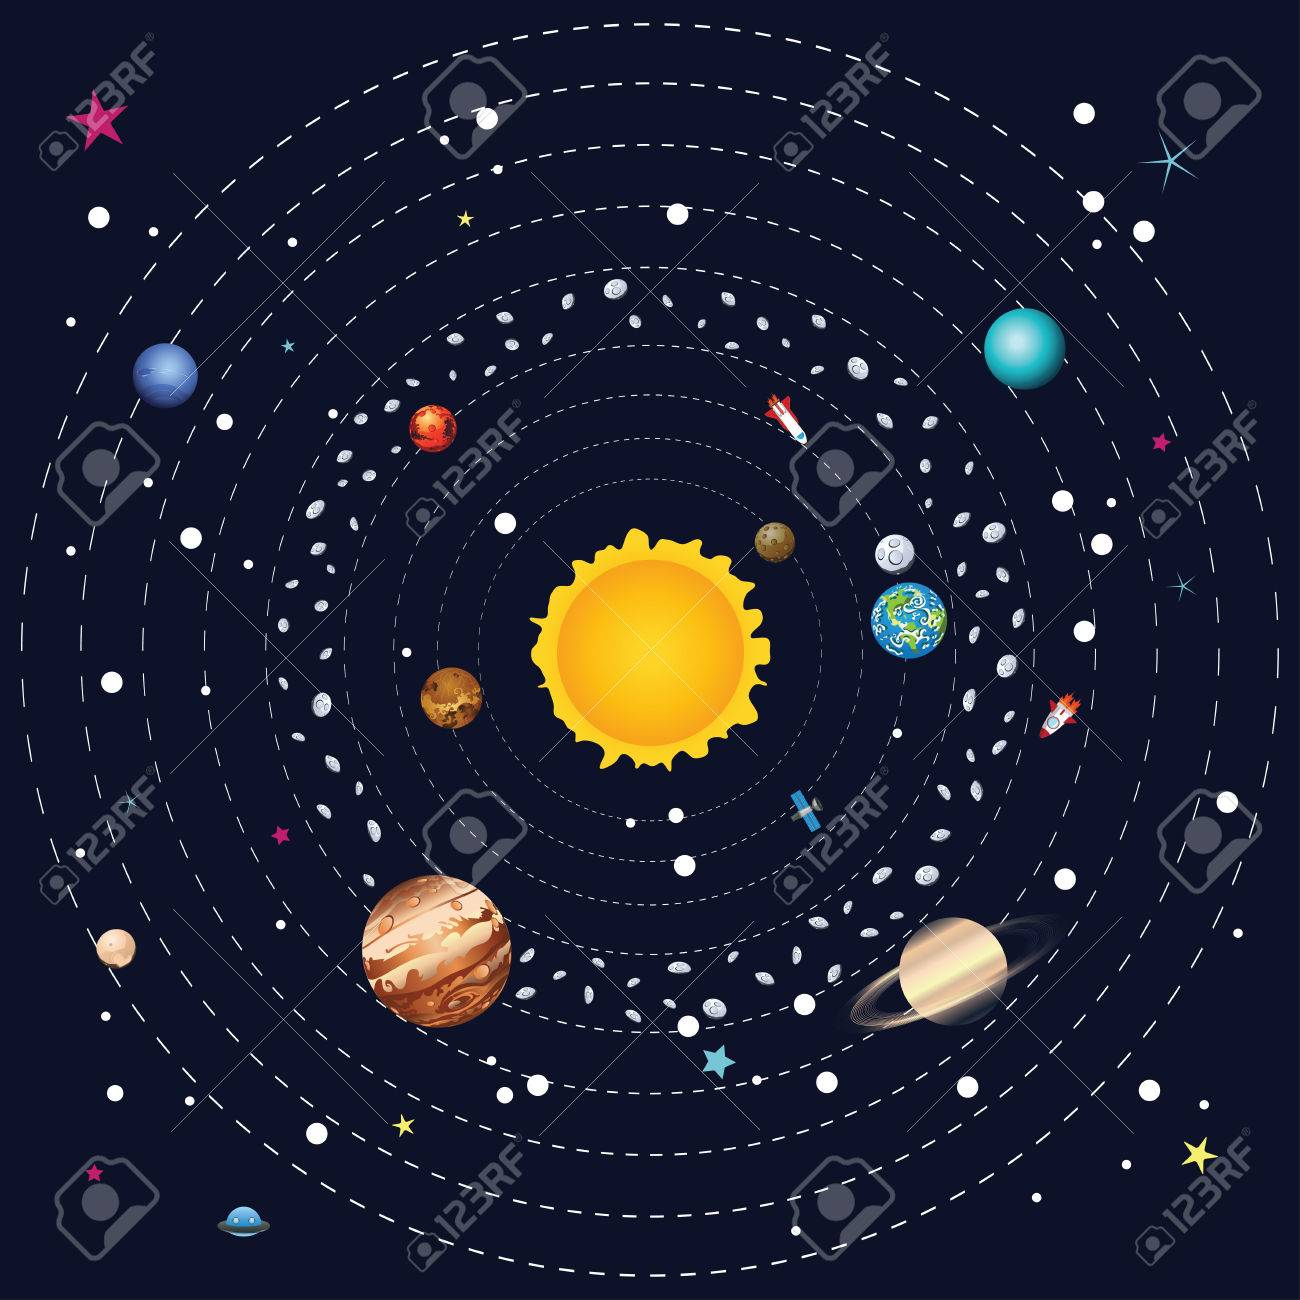 Ilustración De Dibujos Animados De Sistema Solar Y Los Planetas Alrededor De Sol